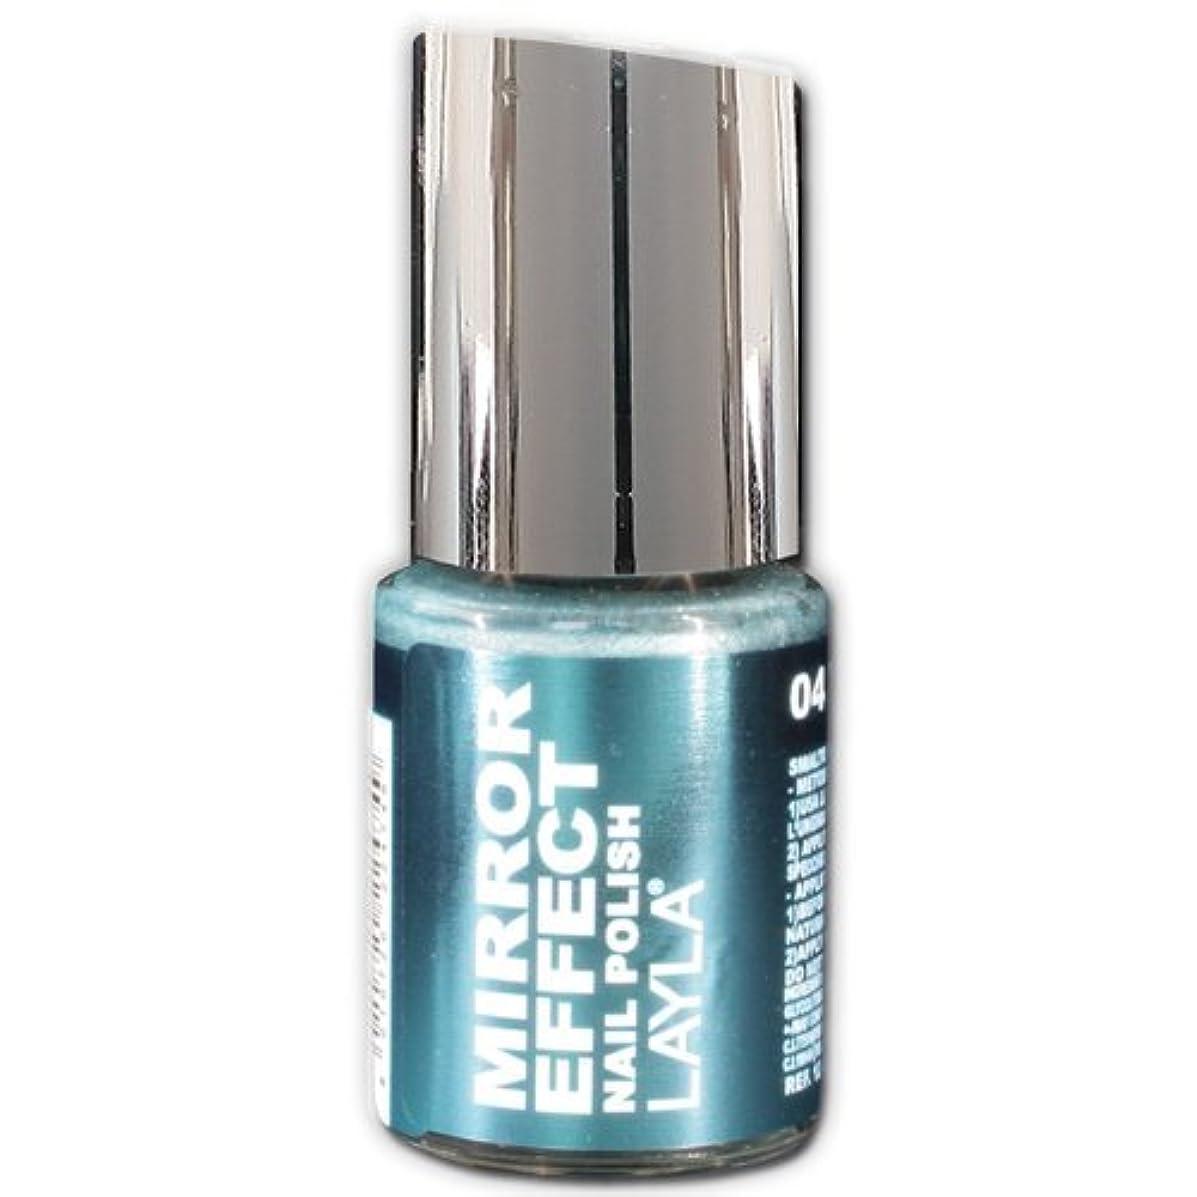 放出それに応じてパイプラインLayla Cosmetics Mirror Effect Nail Polish 04-Titanium Sky 10 ml